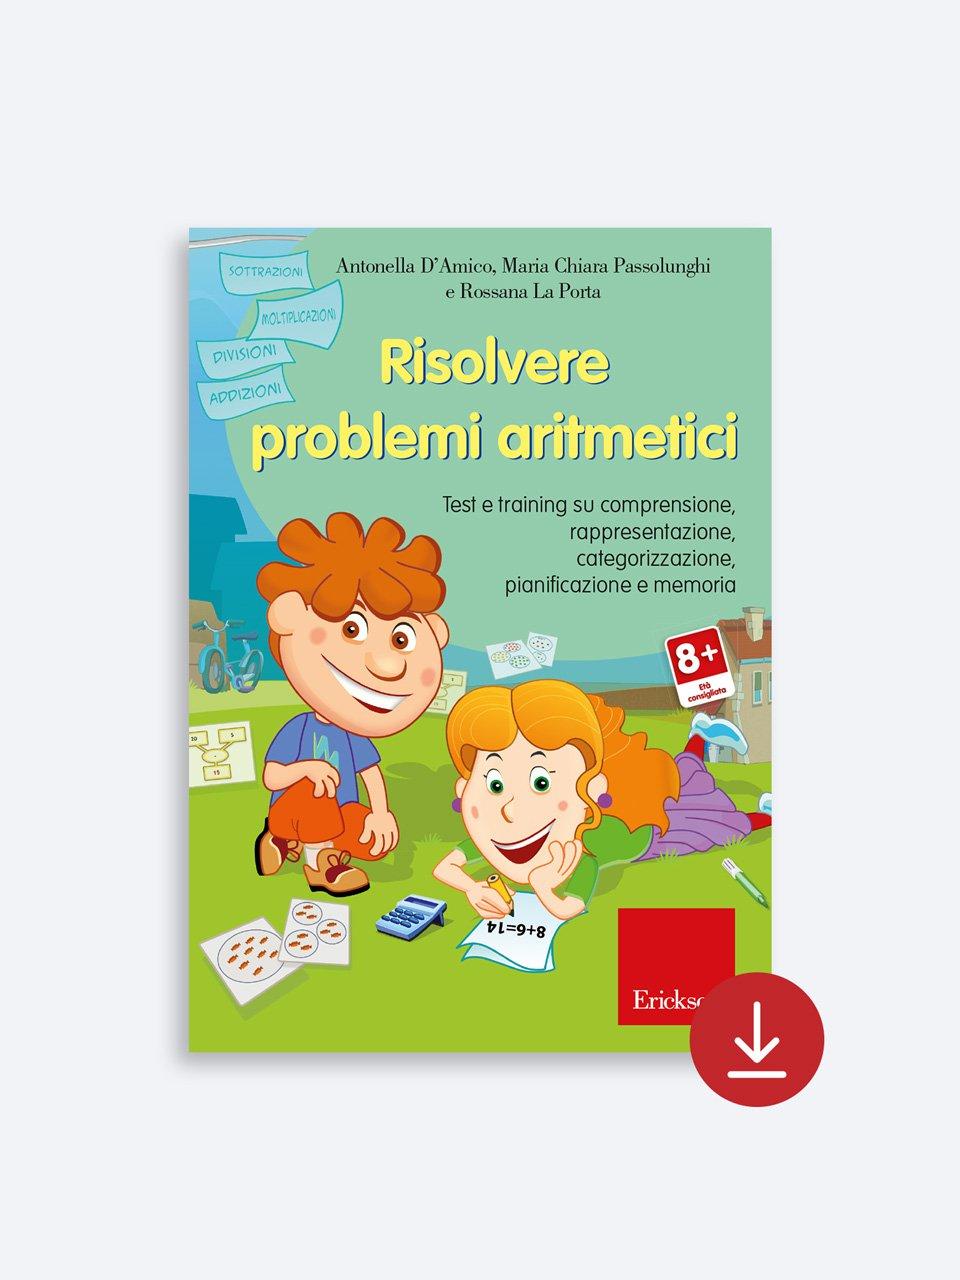 Risolvere problemi aritmetici - Superare i test di ammissione - Libri - Erickson 2